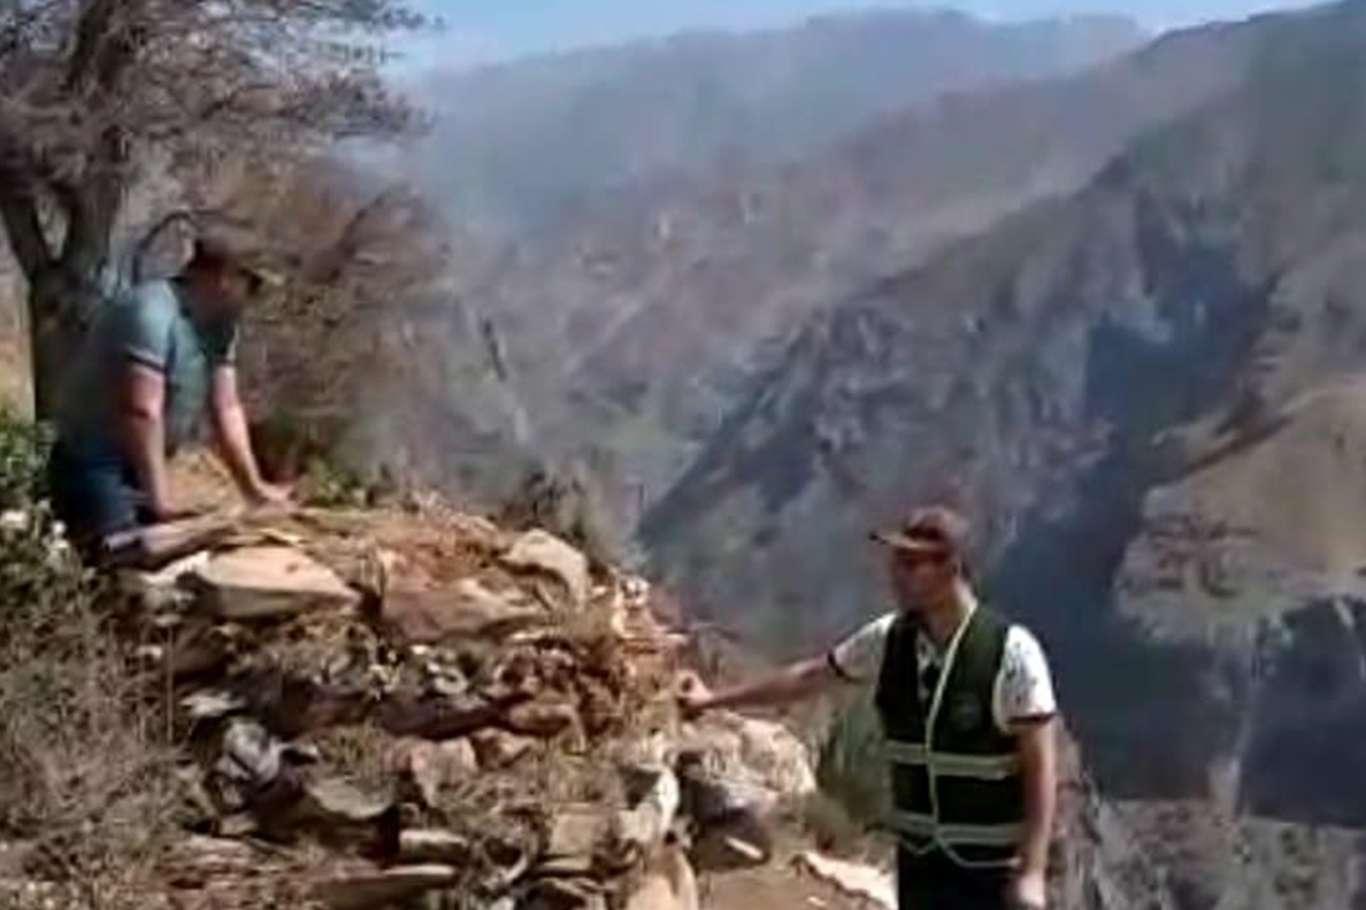 Siirtte kaçak avcıların kurduğu tuzaklar yıkıldı